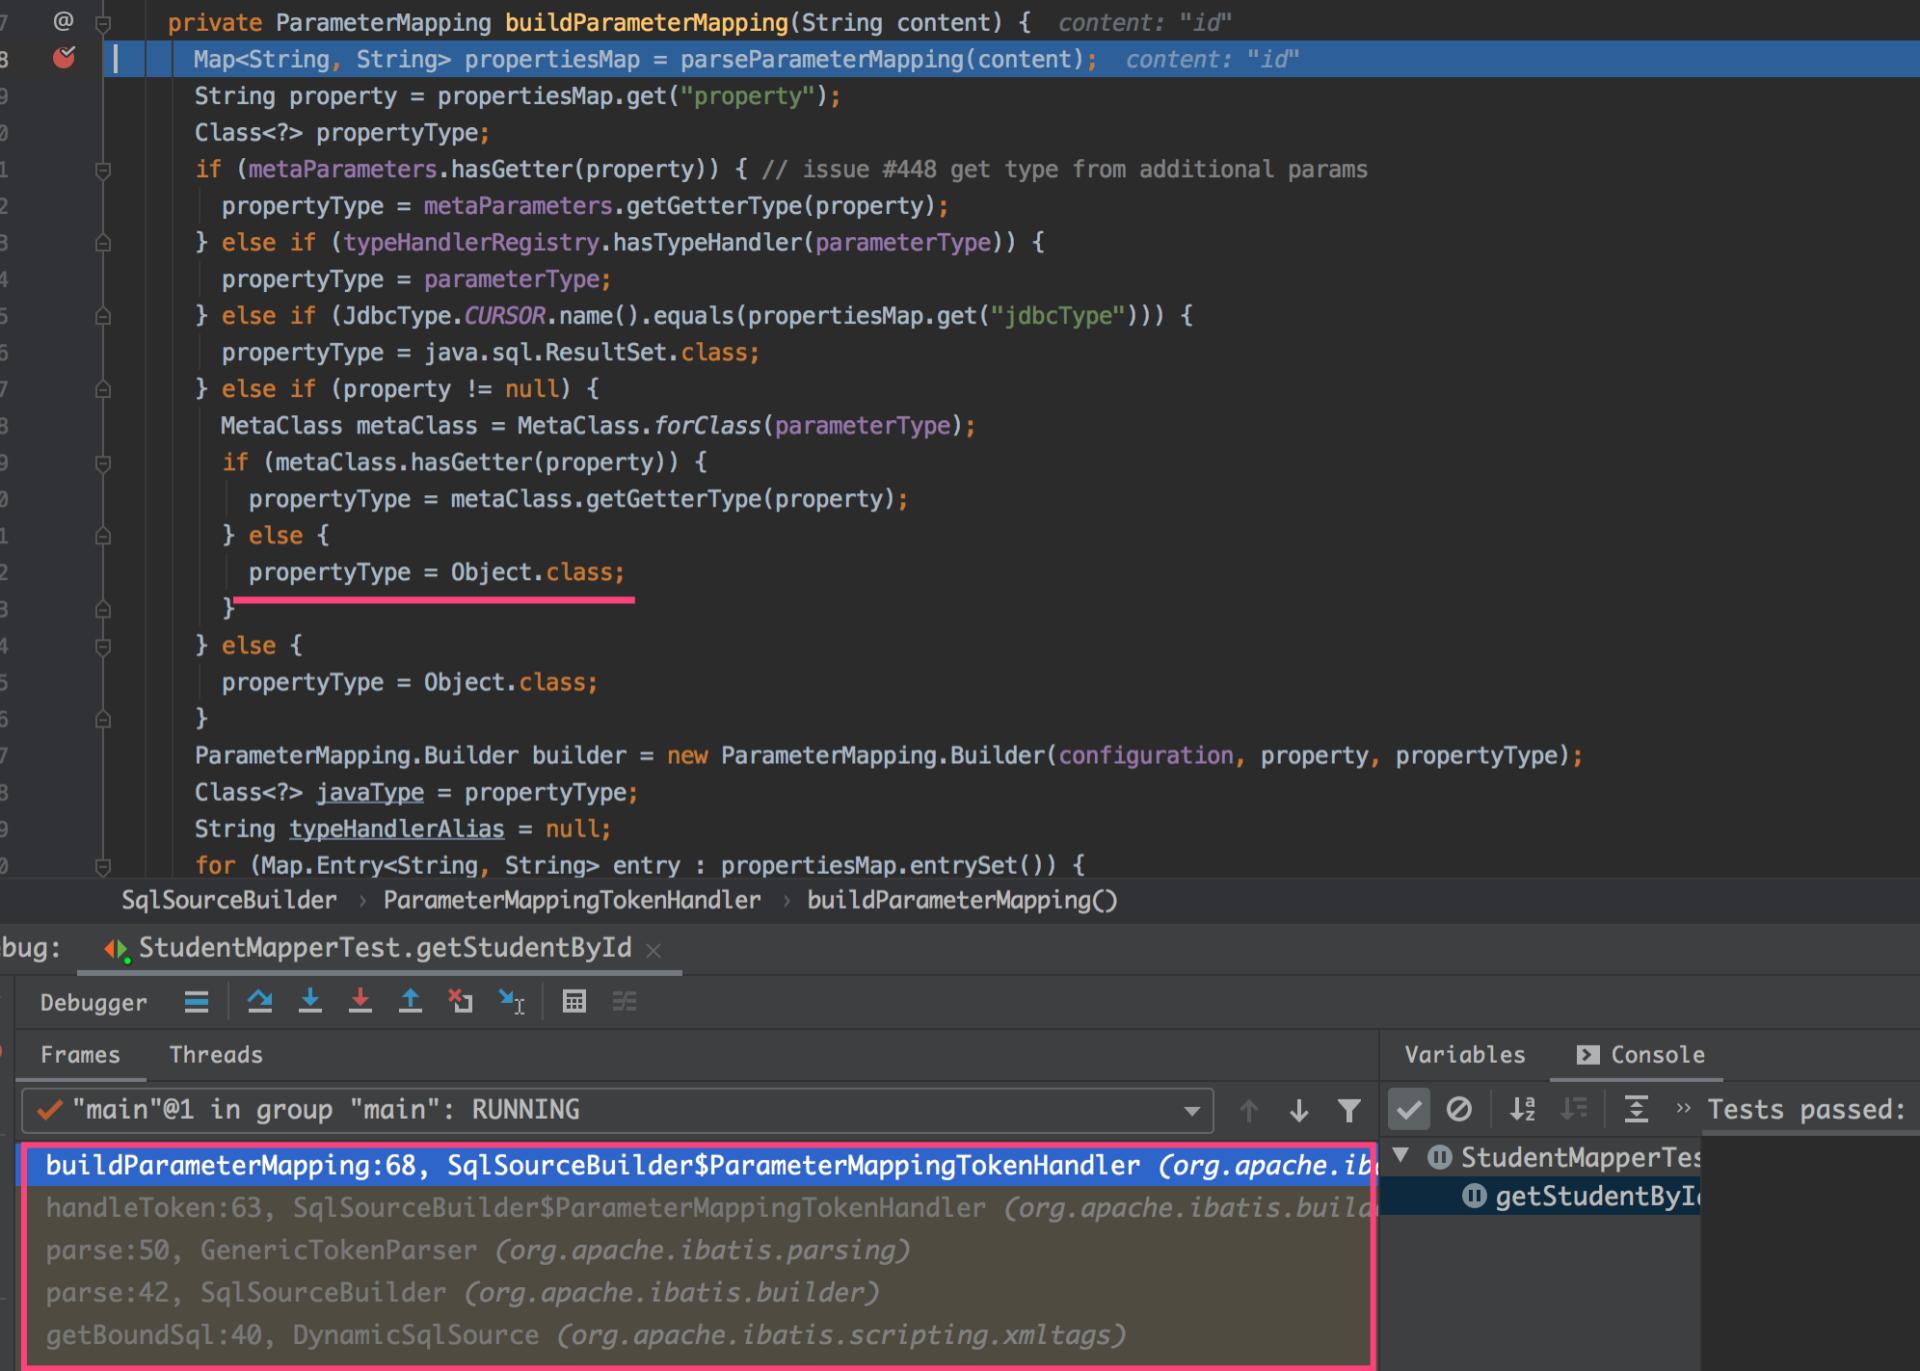 图8 buildParameterMapping过程